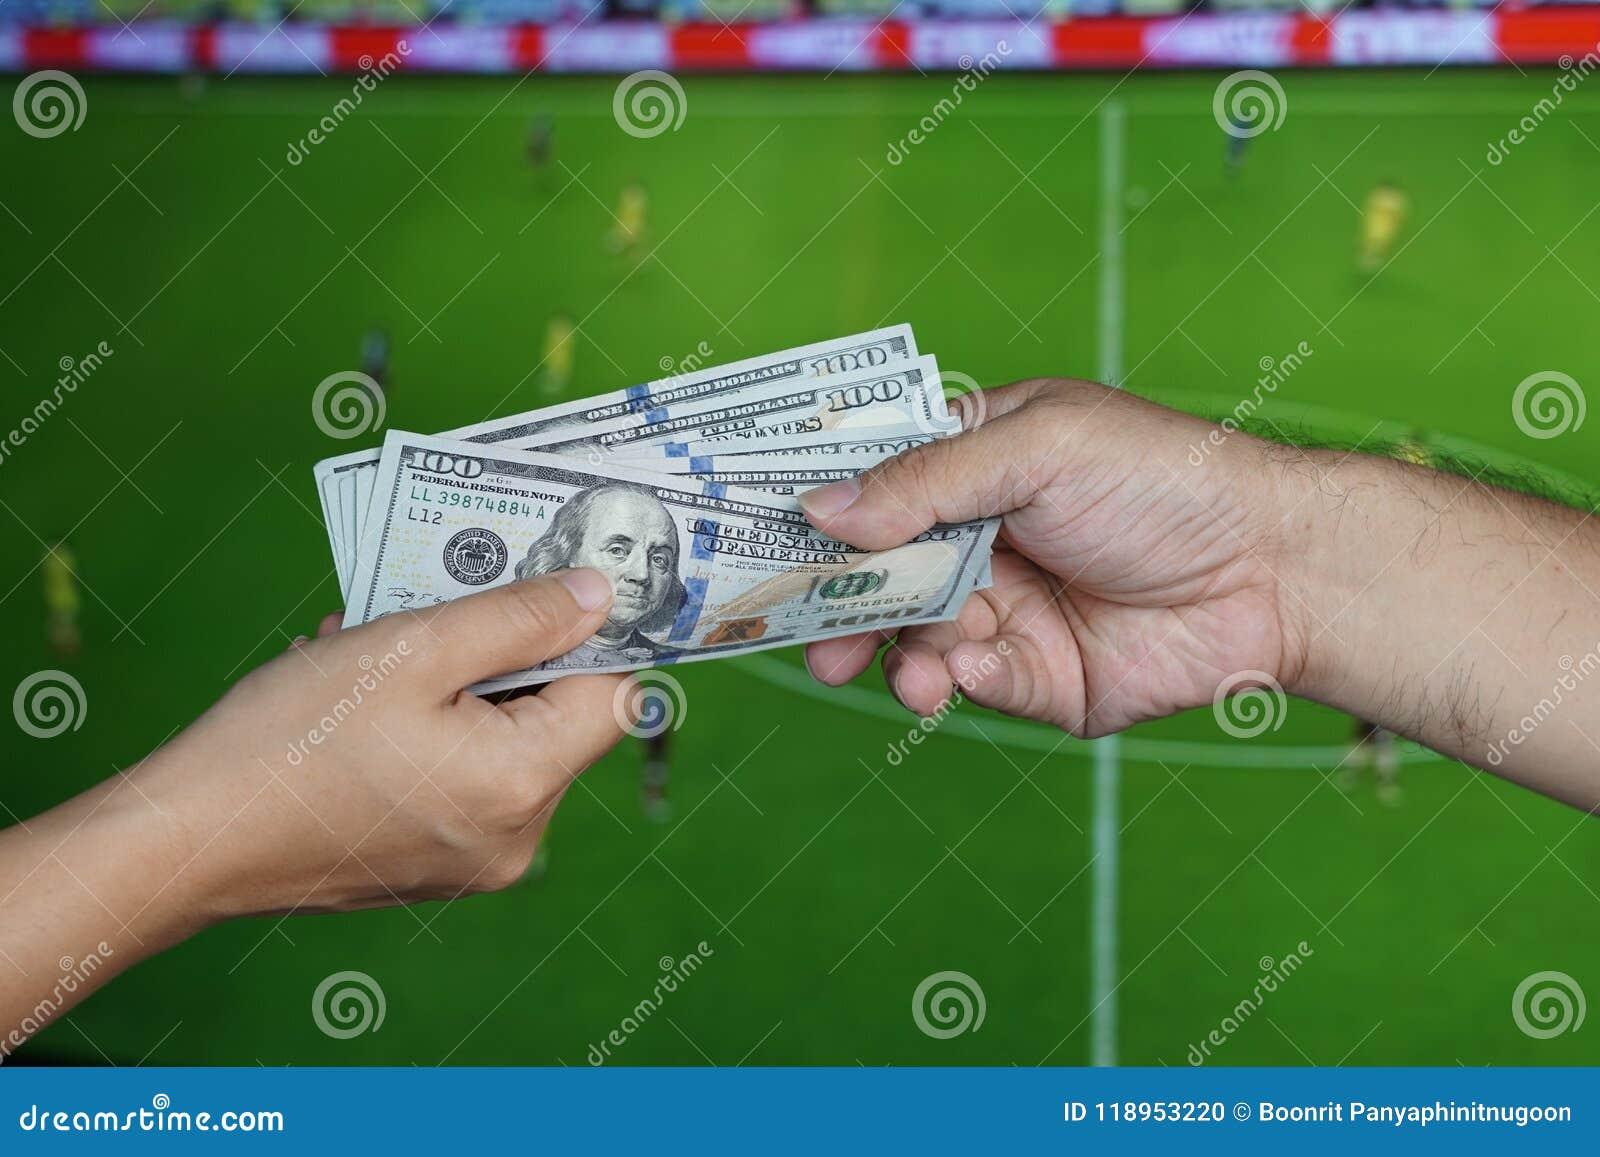 橄榄球赌博的概念:手给别的捐钱在电视